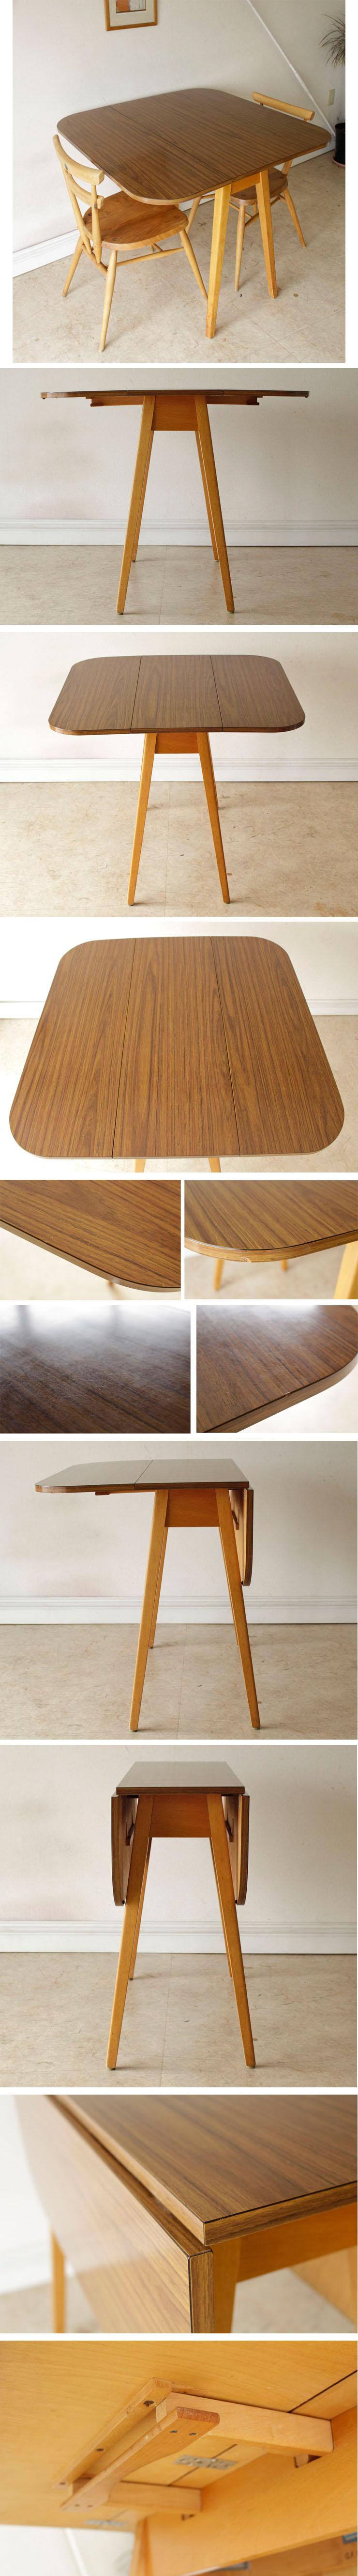 イギリス・ダイニングテーブル・フォーマイカ・ビンテージ・バタフライ・アンティーク・レトロ